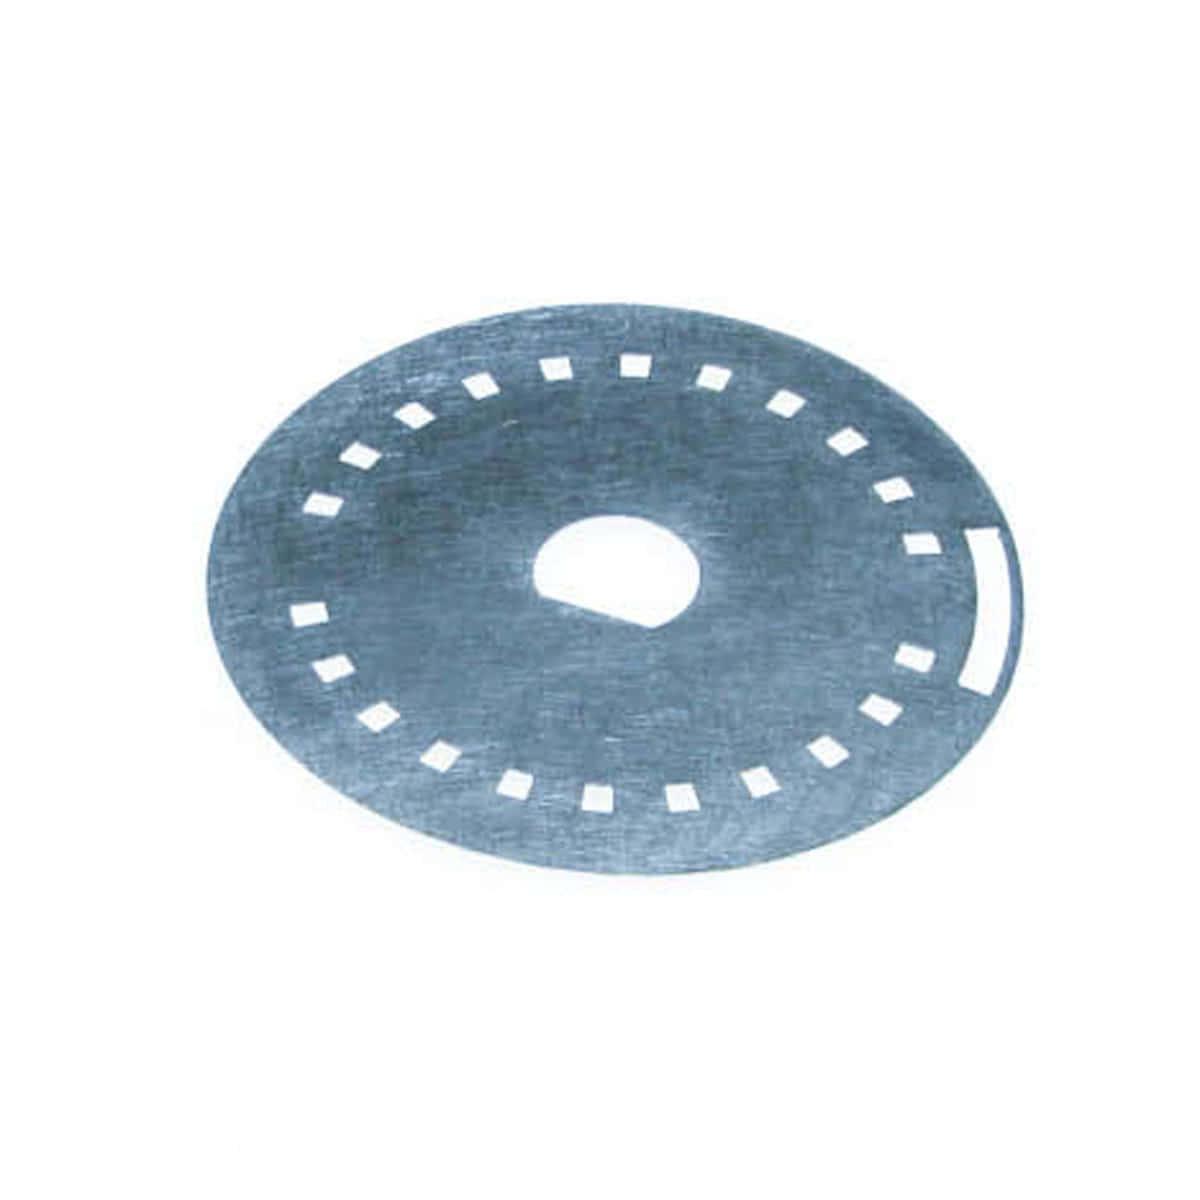 Optical trigger wheel for Nissan SR20DET or KA24DE